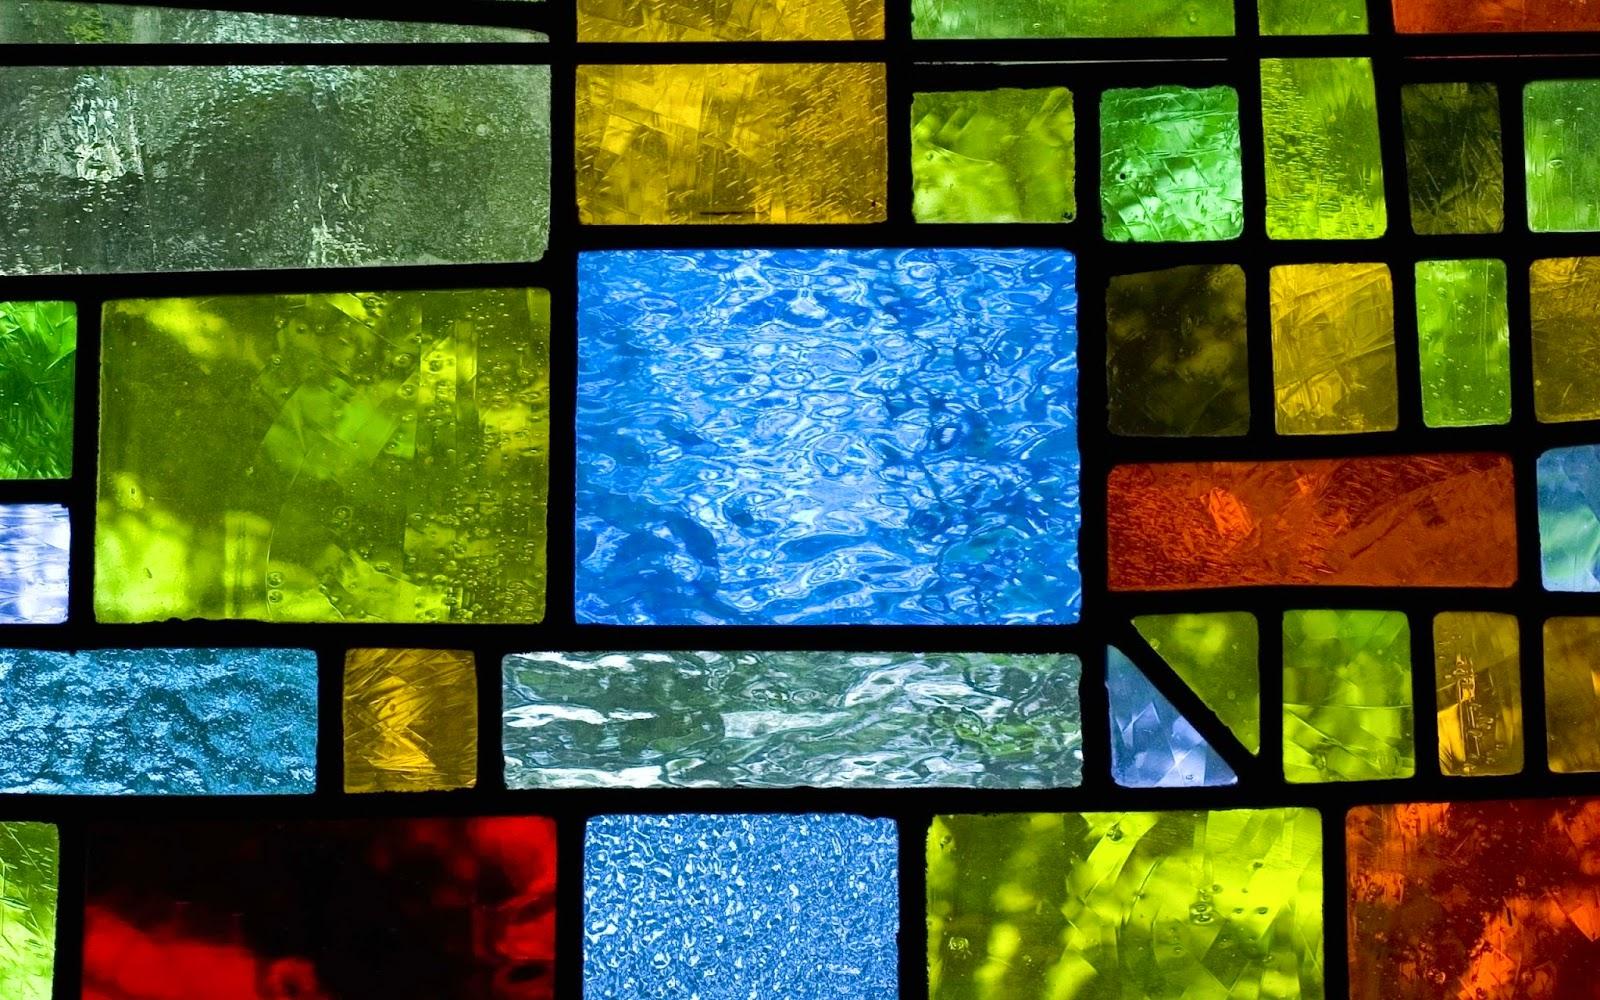 Wallpaper met gekleurd glas in lood raam